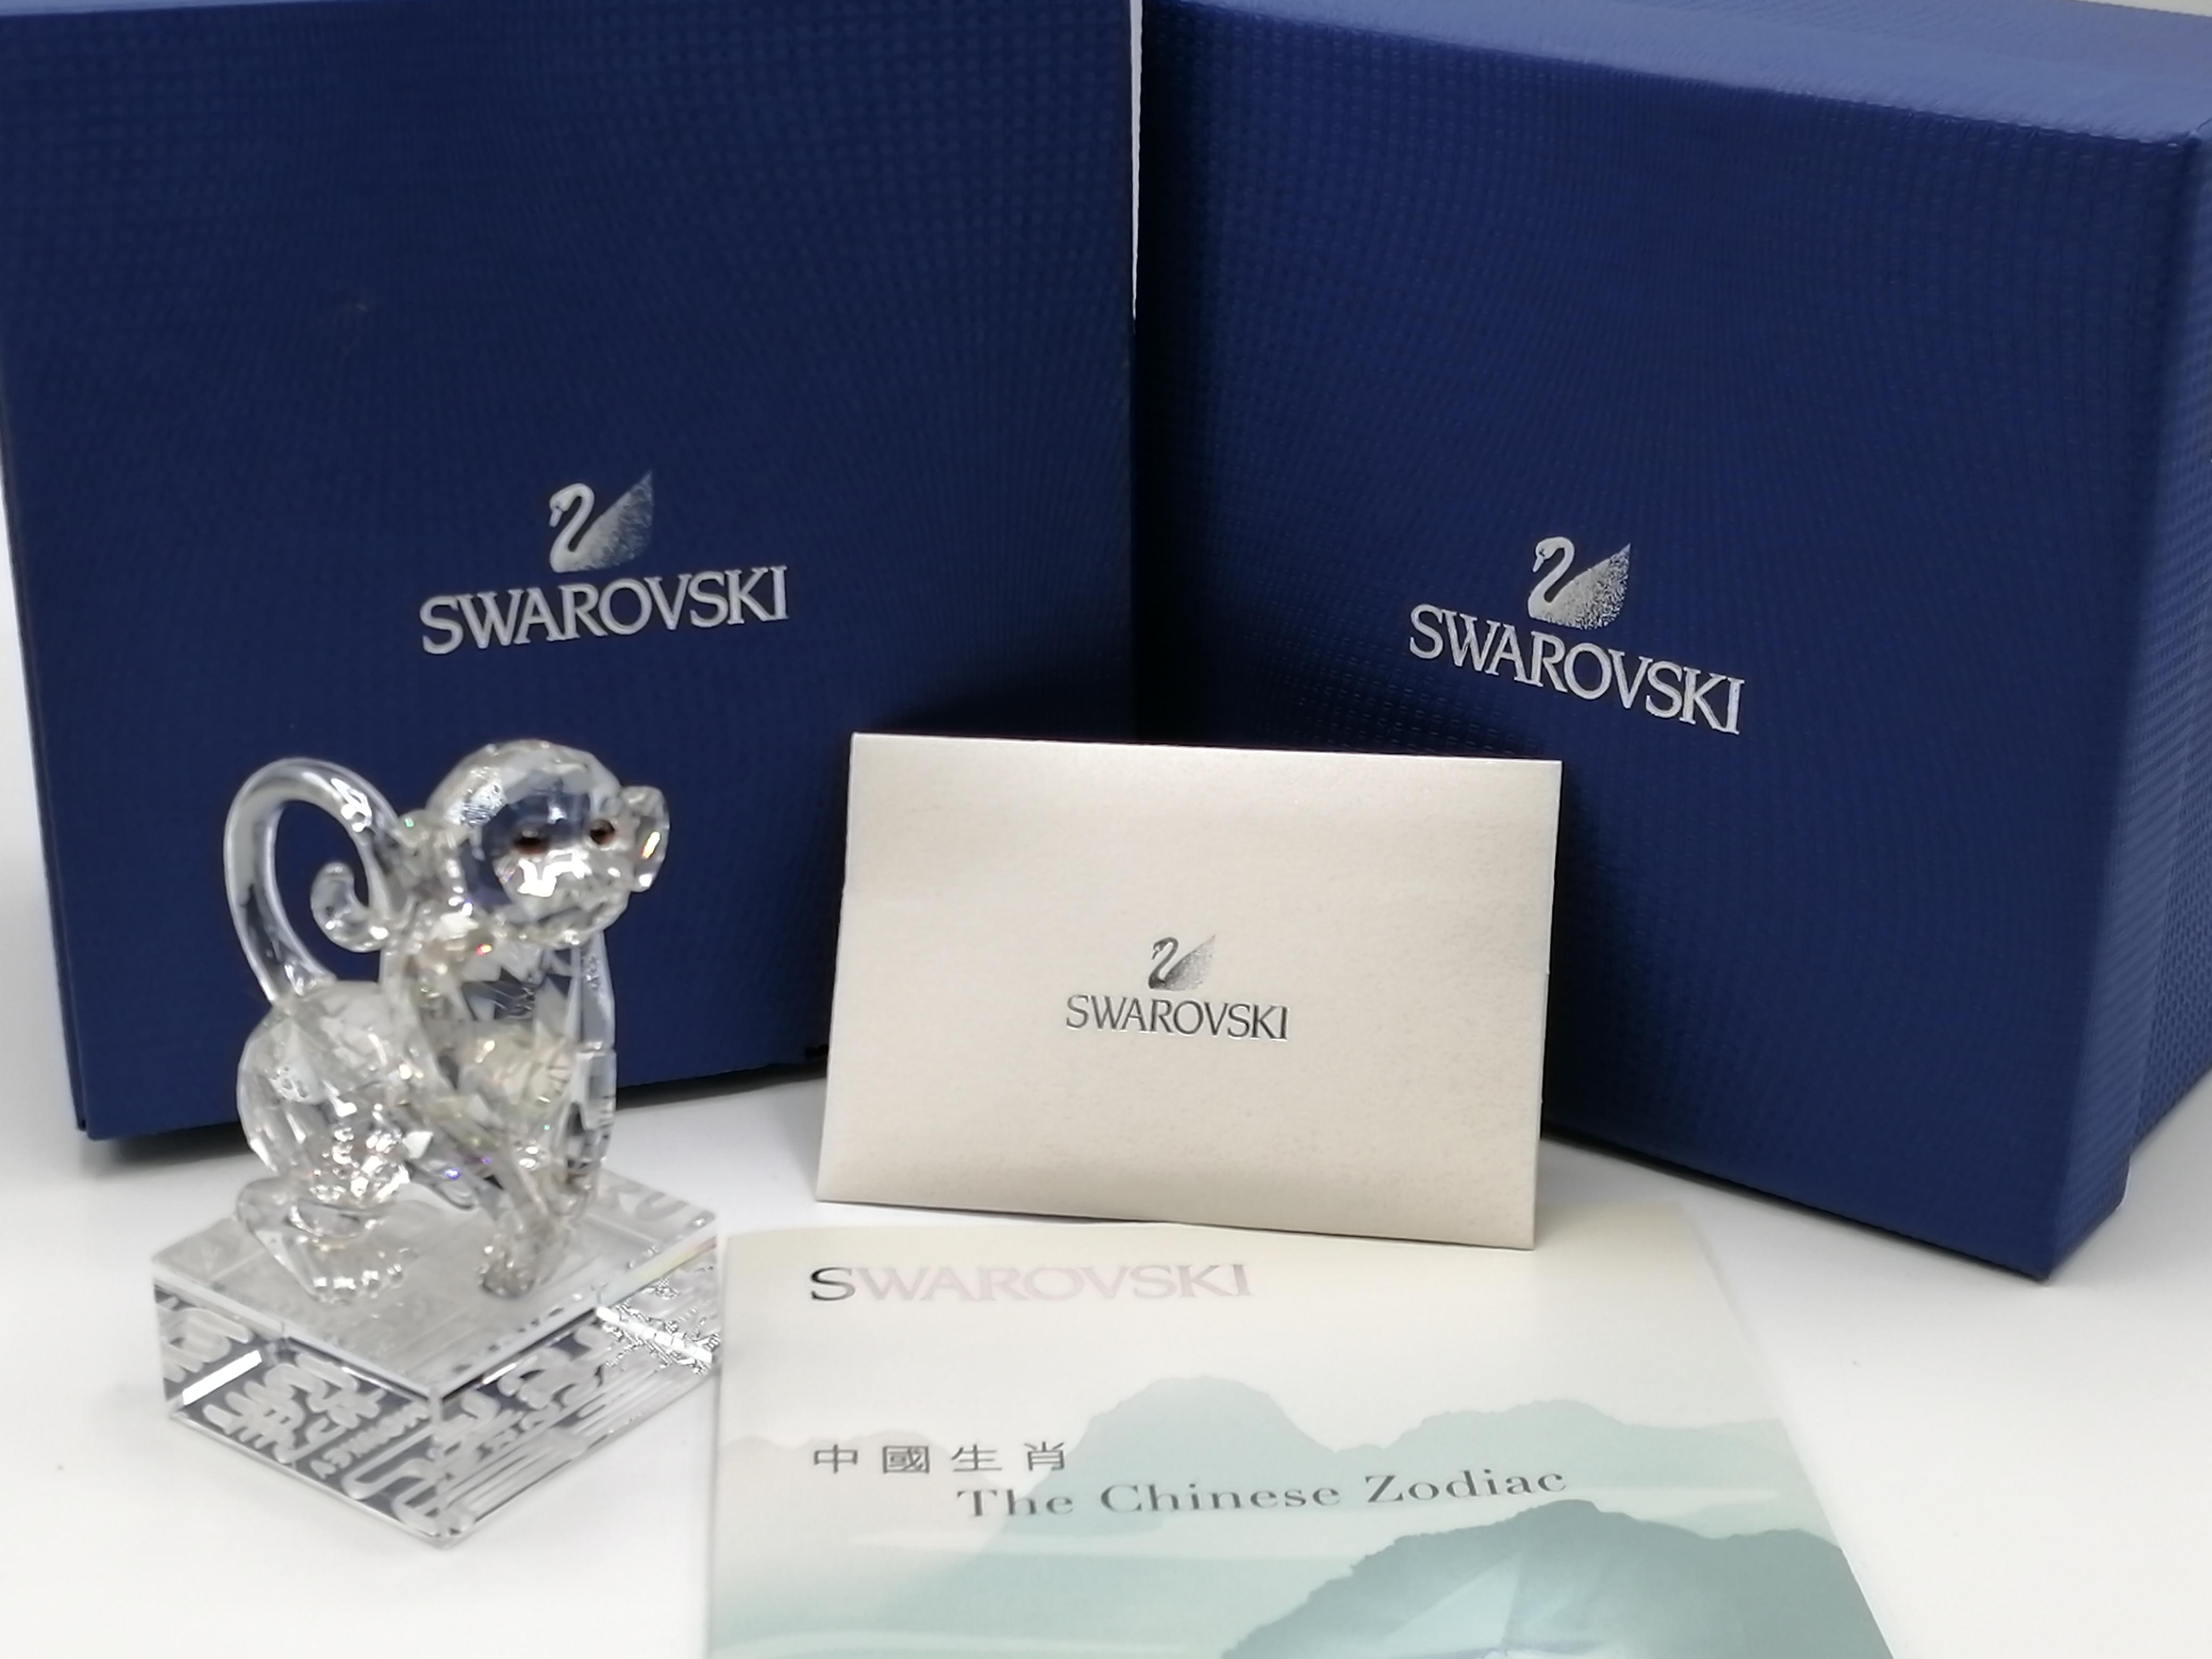 スワロフスキー サル 置き物|SWAROVSKI